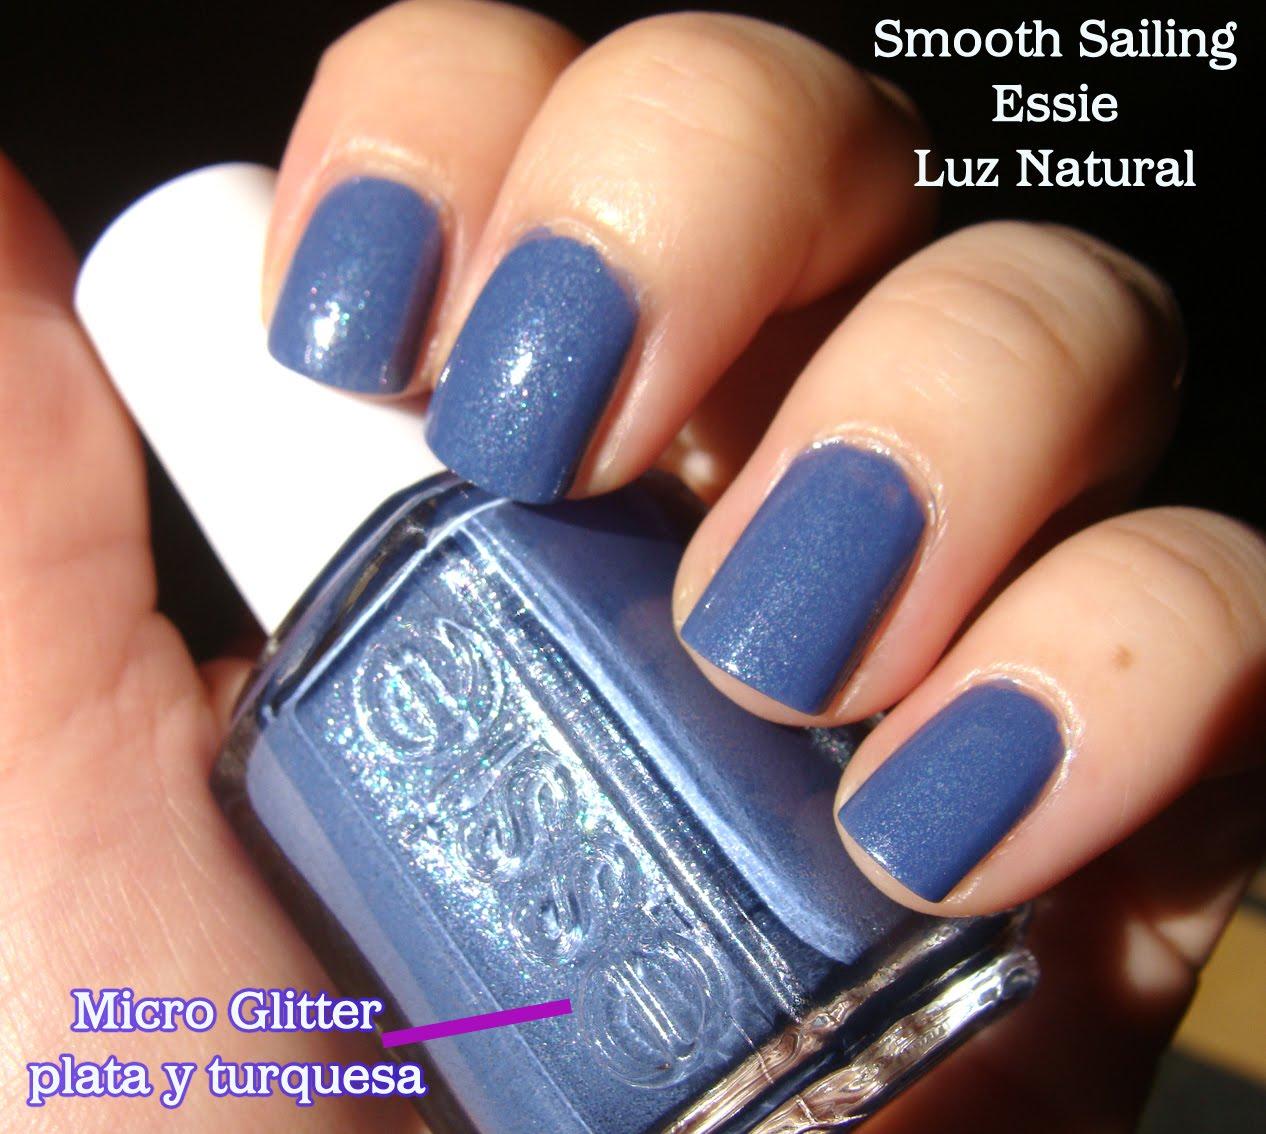 Esmaltes de Julie: Smooth Sailing de Essie: azul lavanda